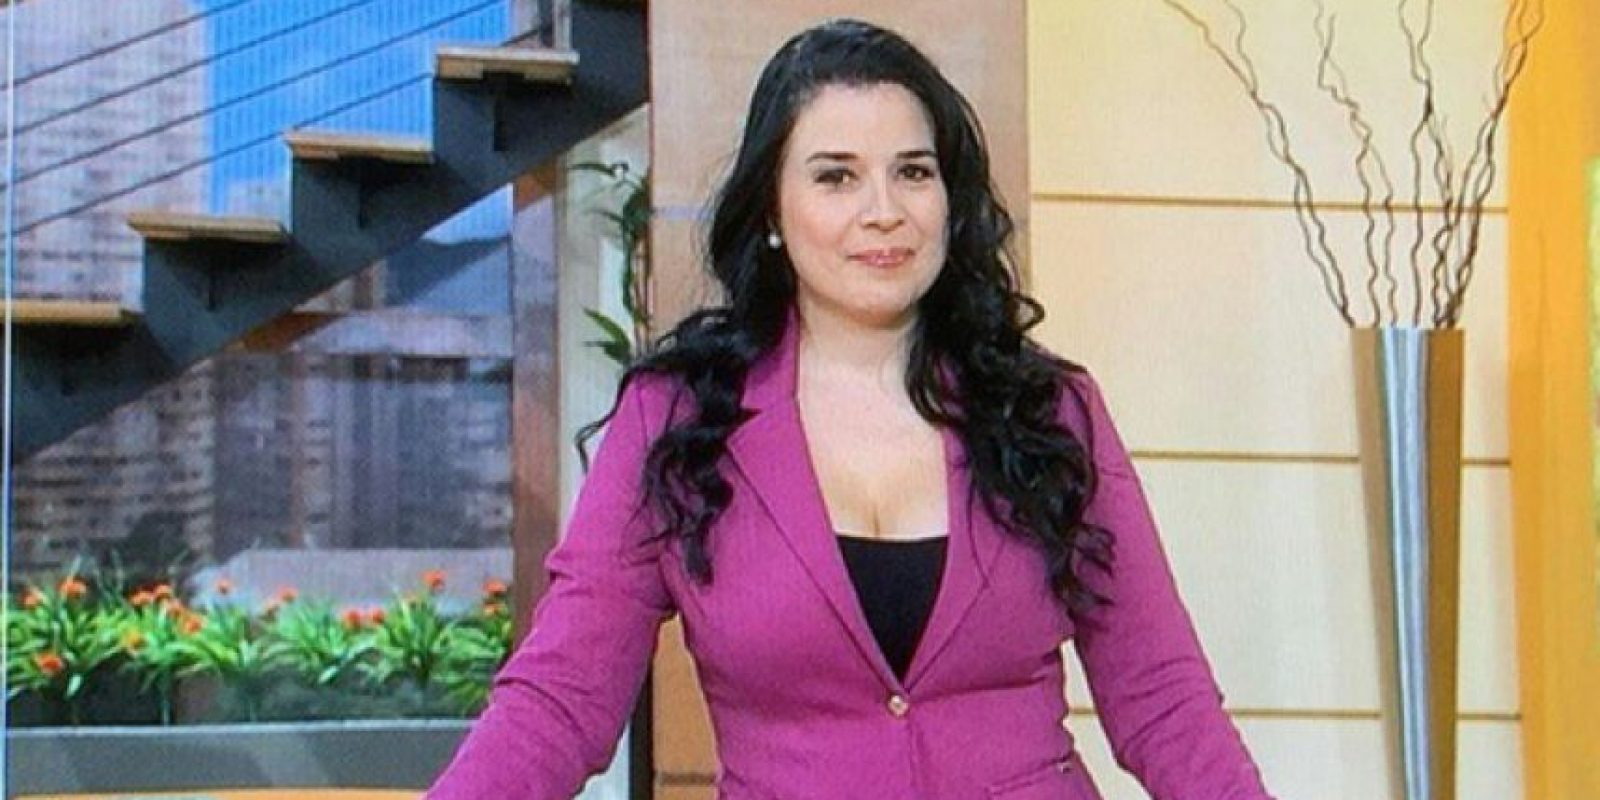 Pareja de colombia quiere ganar plata y se follan en la web - 2 part 9